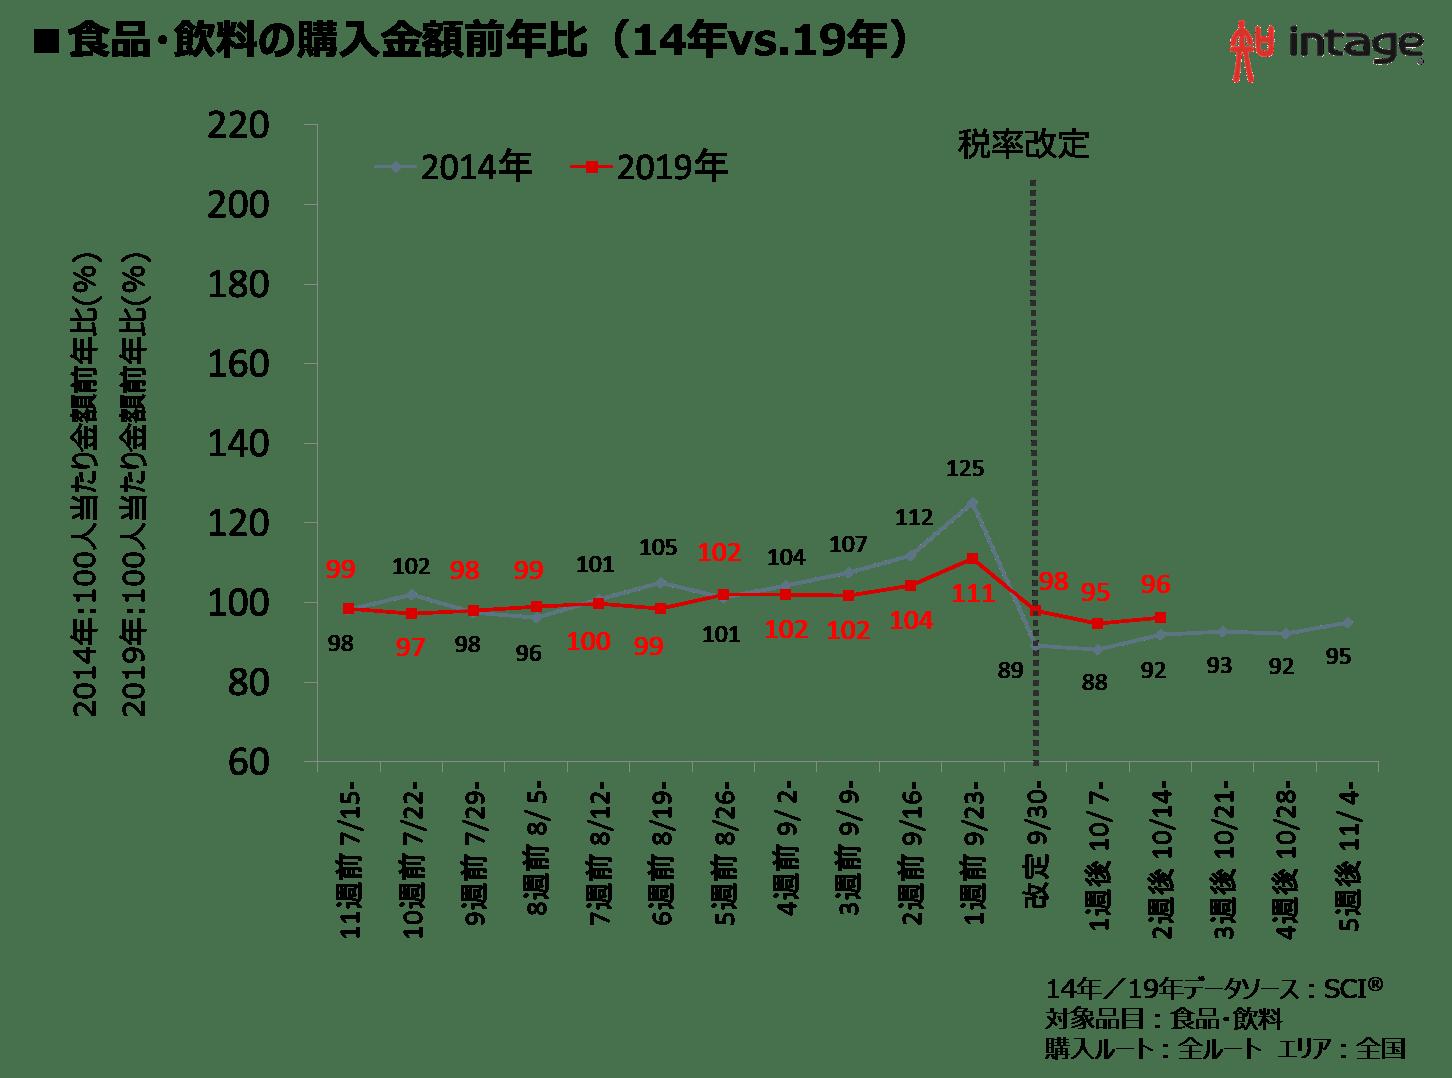 食品・飲料の購入金額前年比(14年vs.19年)